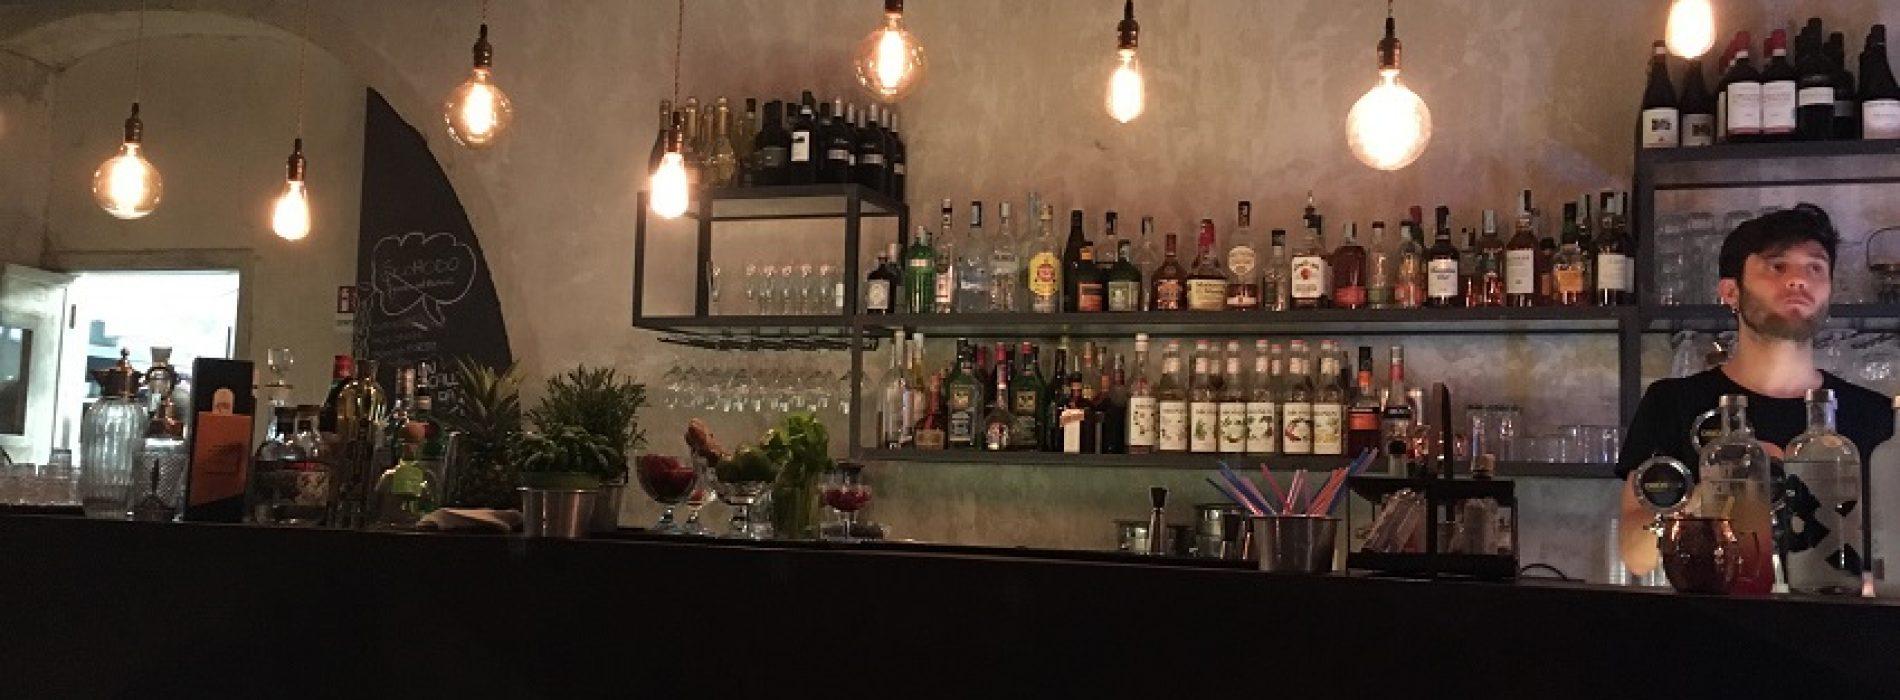 Scomodo Roma, galletto amburghese e cocktail 'Chicchirichì' nel locale di via Casilina (di fronte al tram)